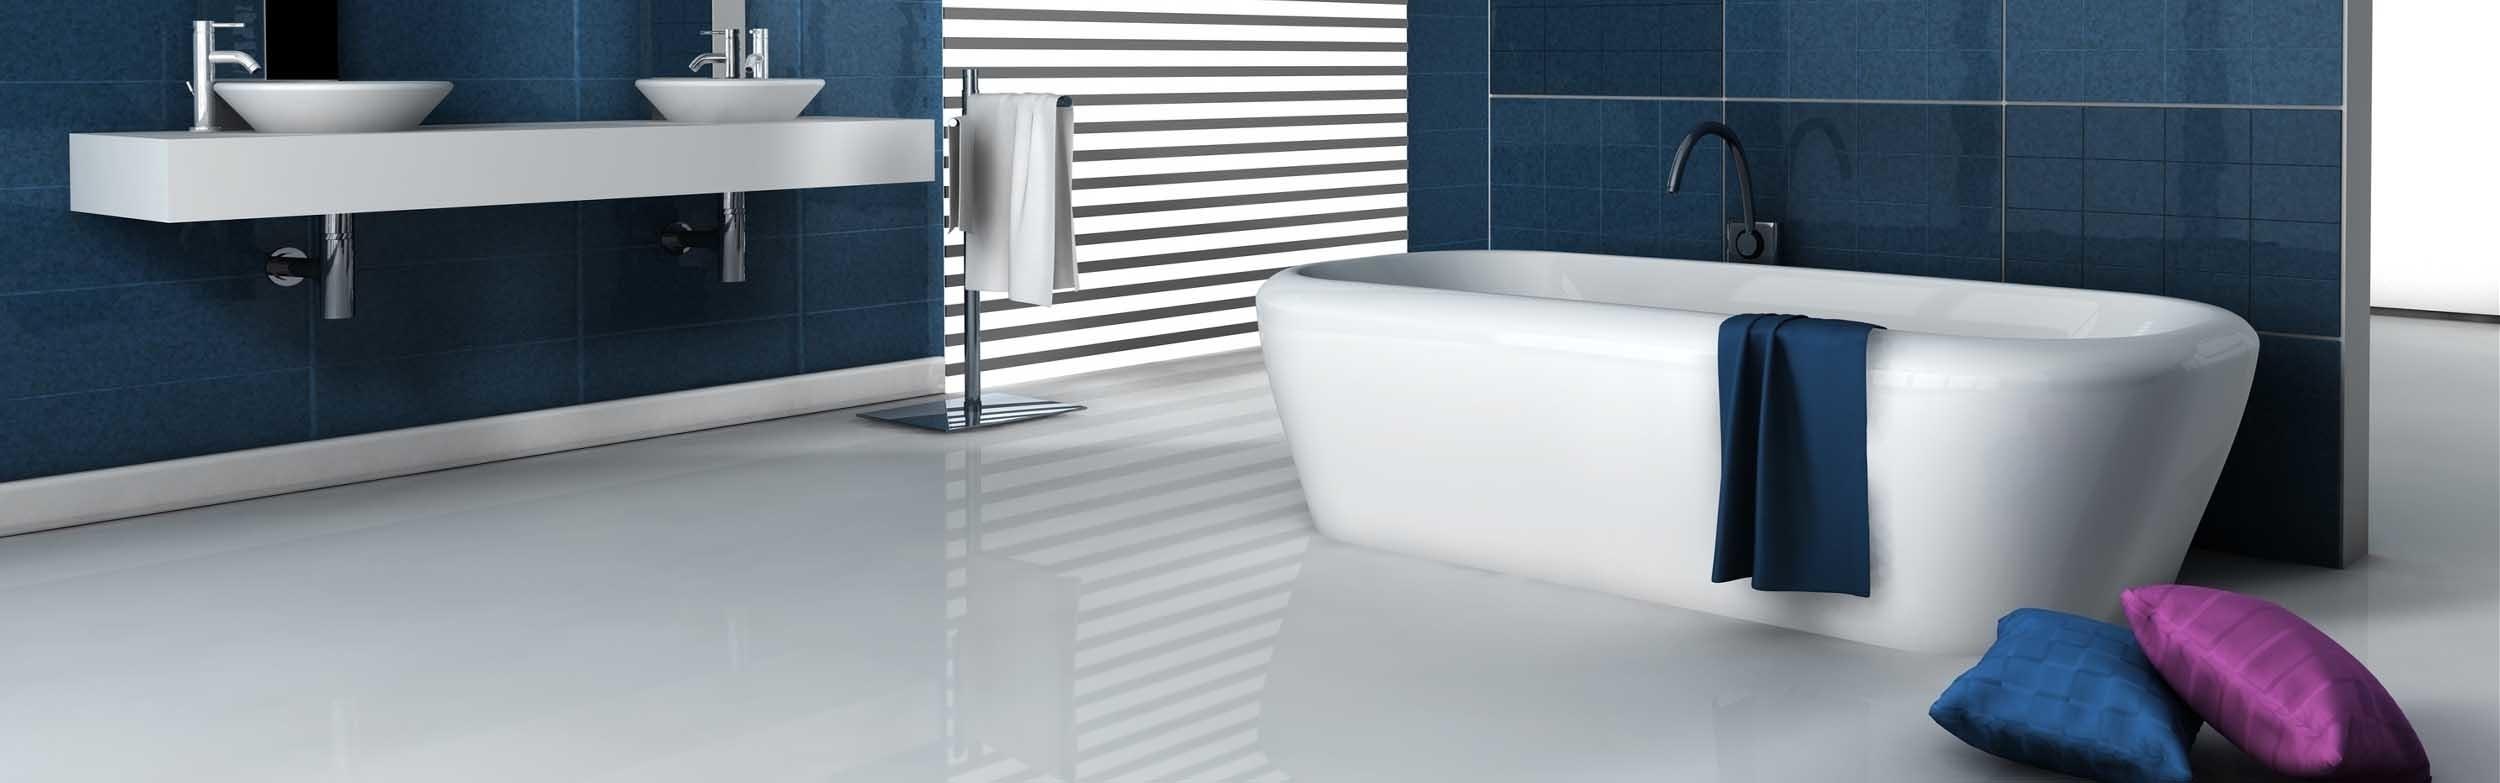 Bathrooms Plus (@bathrooms) Cover Image